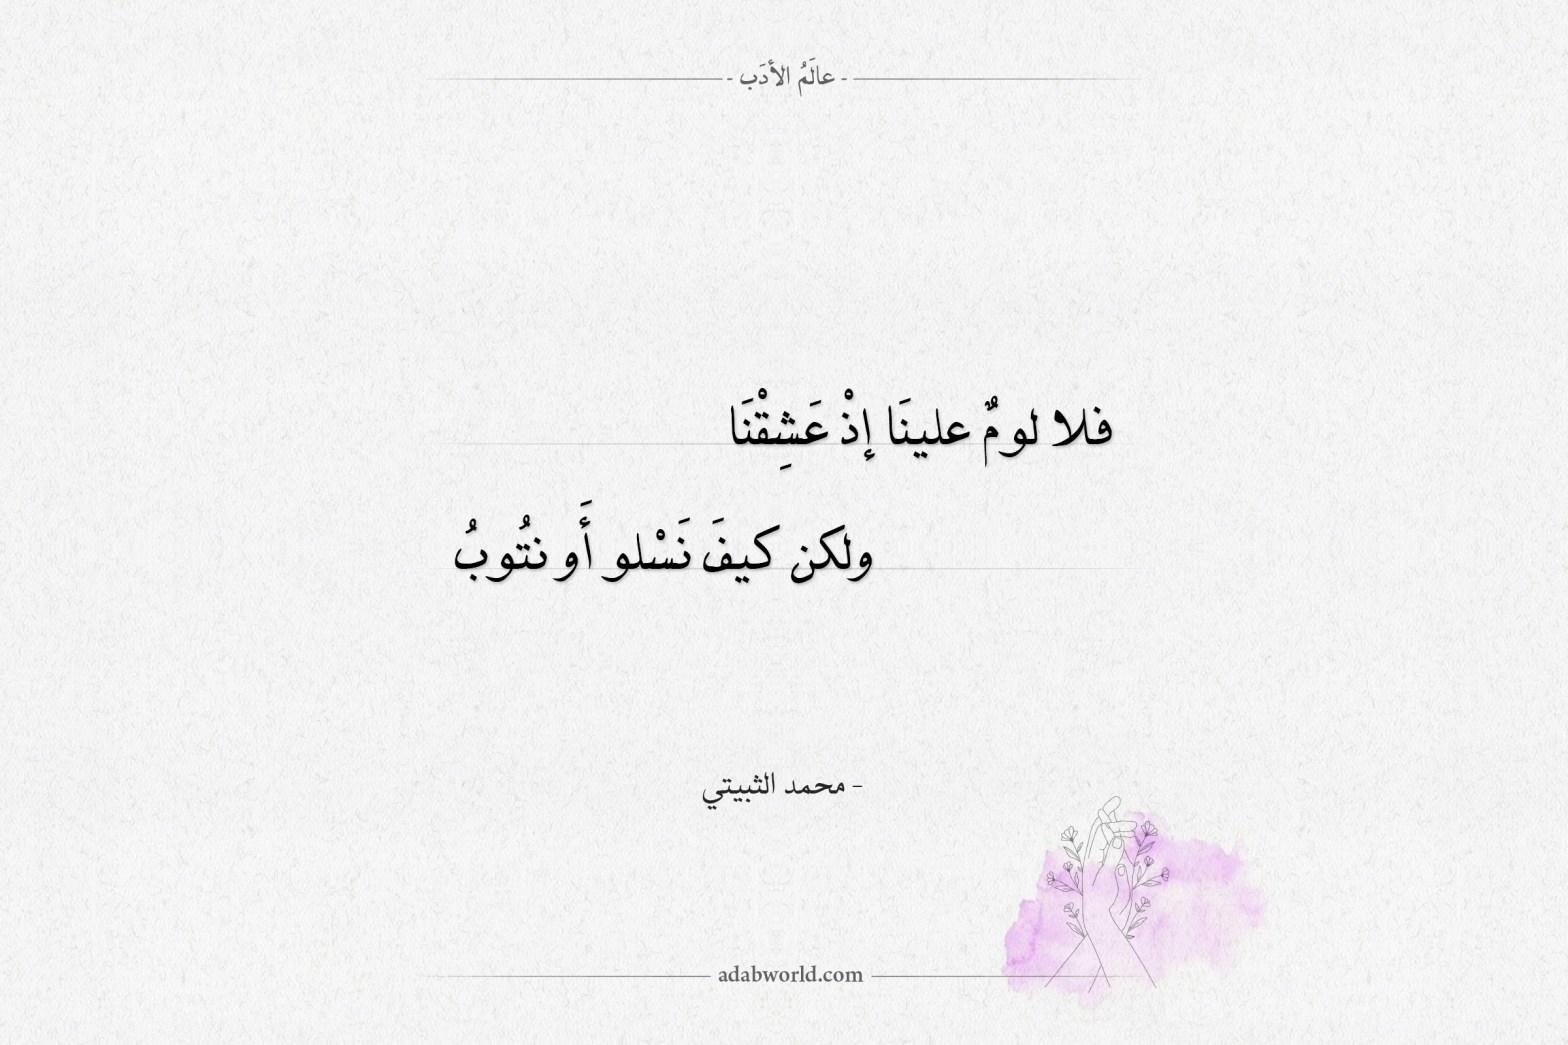 شعر محمد الثبيتي فلا لوم علينا إذ عشقنا